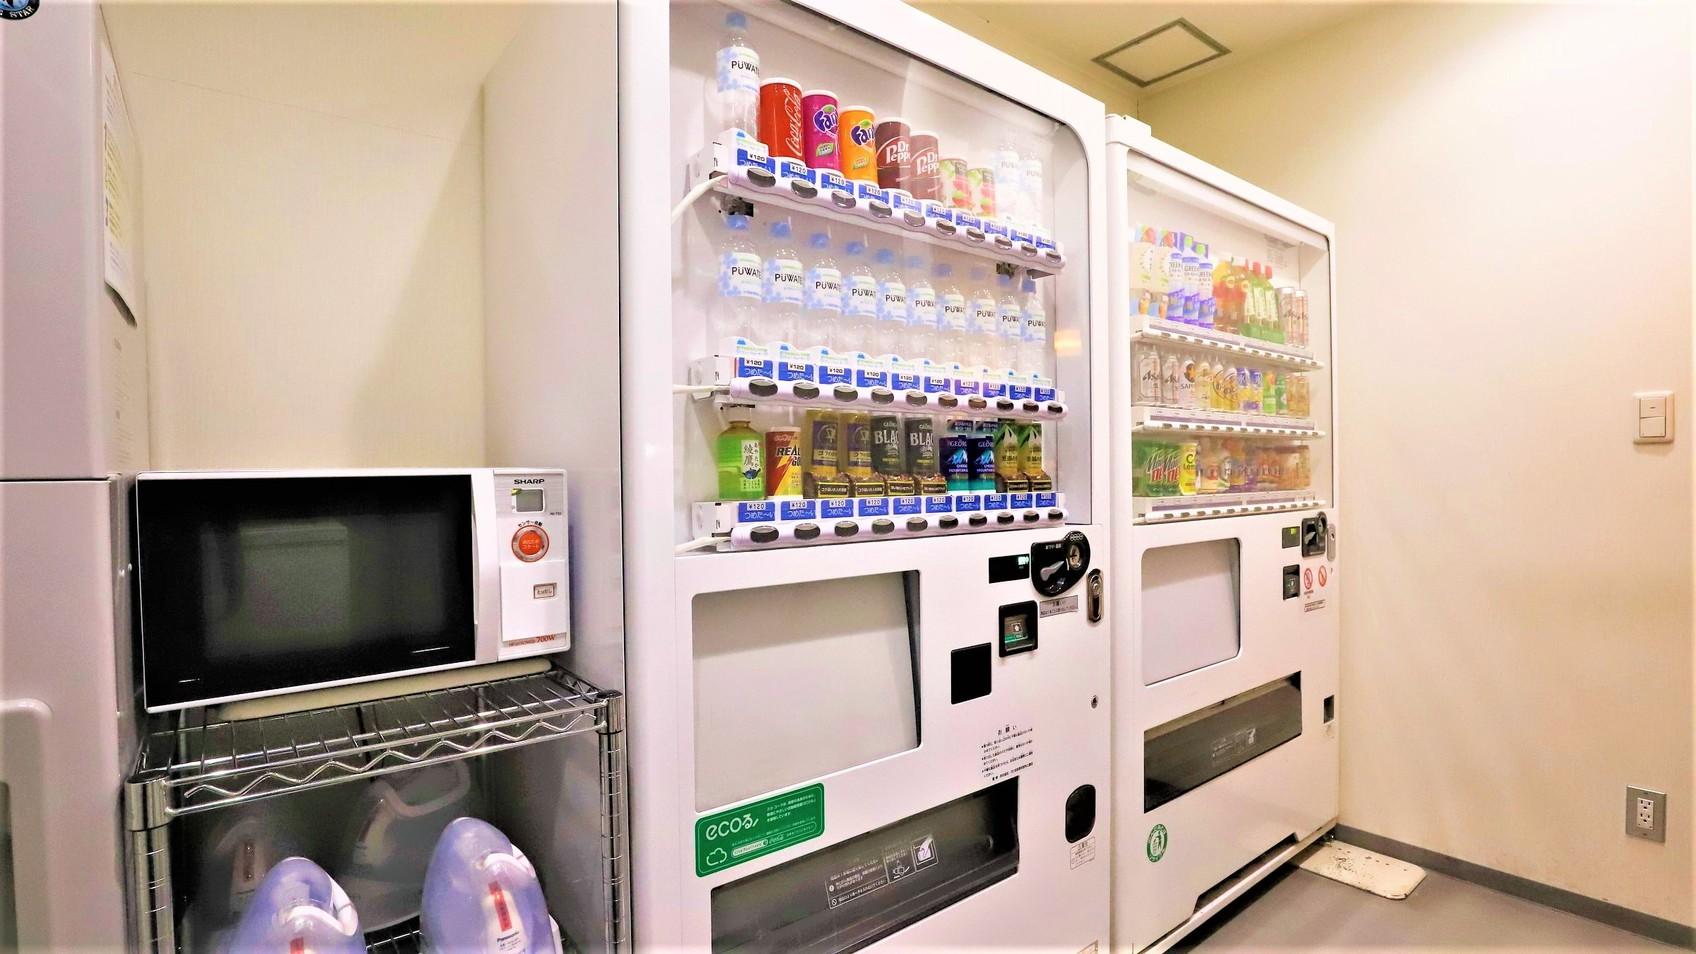 【ランドリーコーナー】 自動販売機